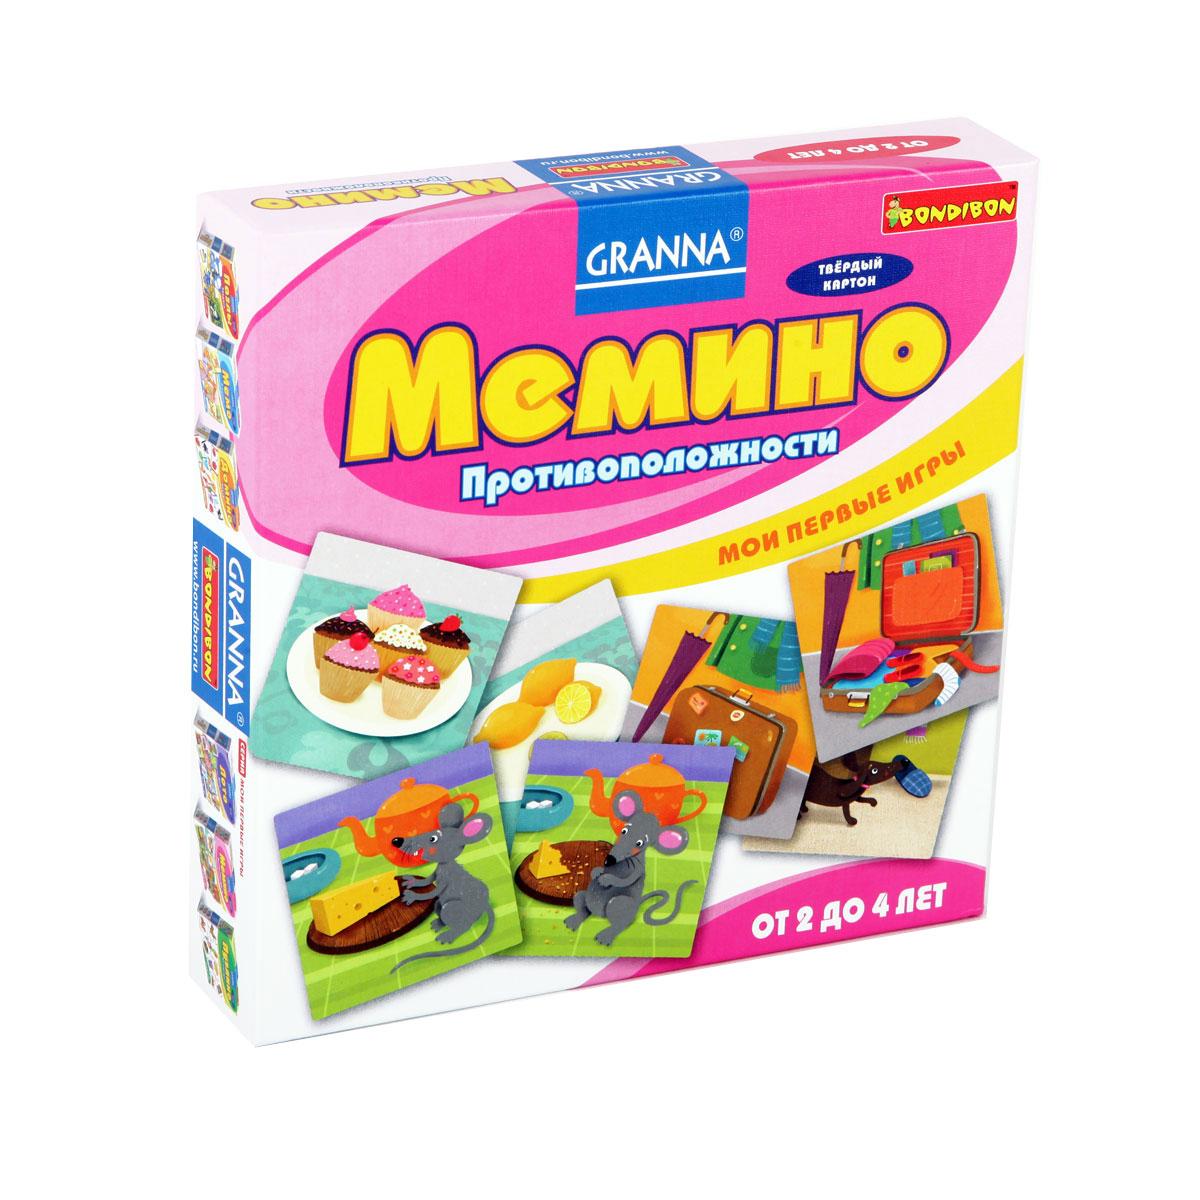 Мемино Bondibon ПротивоположностиВВ1004Мемино Bondibon Противоположности позволит вам и вашему малышу весело и с пользой провести время, ведь совместная игра - лучший способ узнать ребенка. Эта красочная игра - увлекательный тренажер для развития памяти и сообразительности ребенка. Необходимо внимательно рассмотреть карточки с выразительными рисунками и найти карточку-противоположность: черный кот-белый кот, пустое гнездо-три голодных птенчика в гнезде и т.д. В конце выигрывают все игроки, потому что эта игра замечательно развивает зрительную память! В комплект входят 24 карточки с различными изображениями и правила игры на русском языке. Характеристики: Размер карточки: 7 см x 7 см. Размер упаковки (ДхШхВ): 19 см x 19 см x 3,5 см.